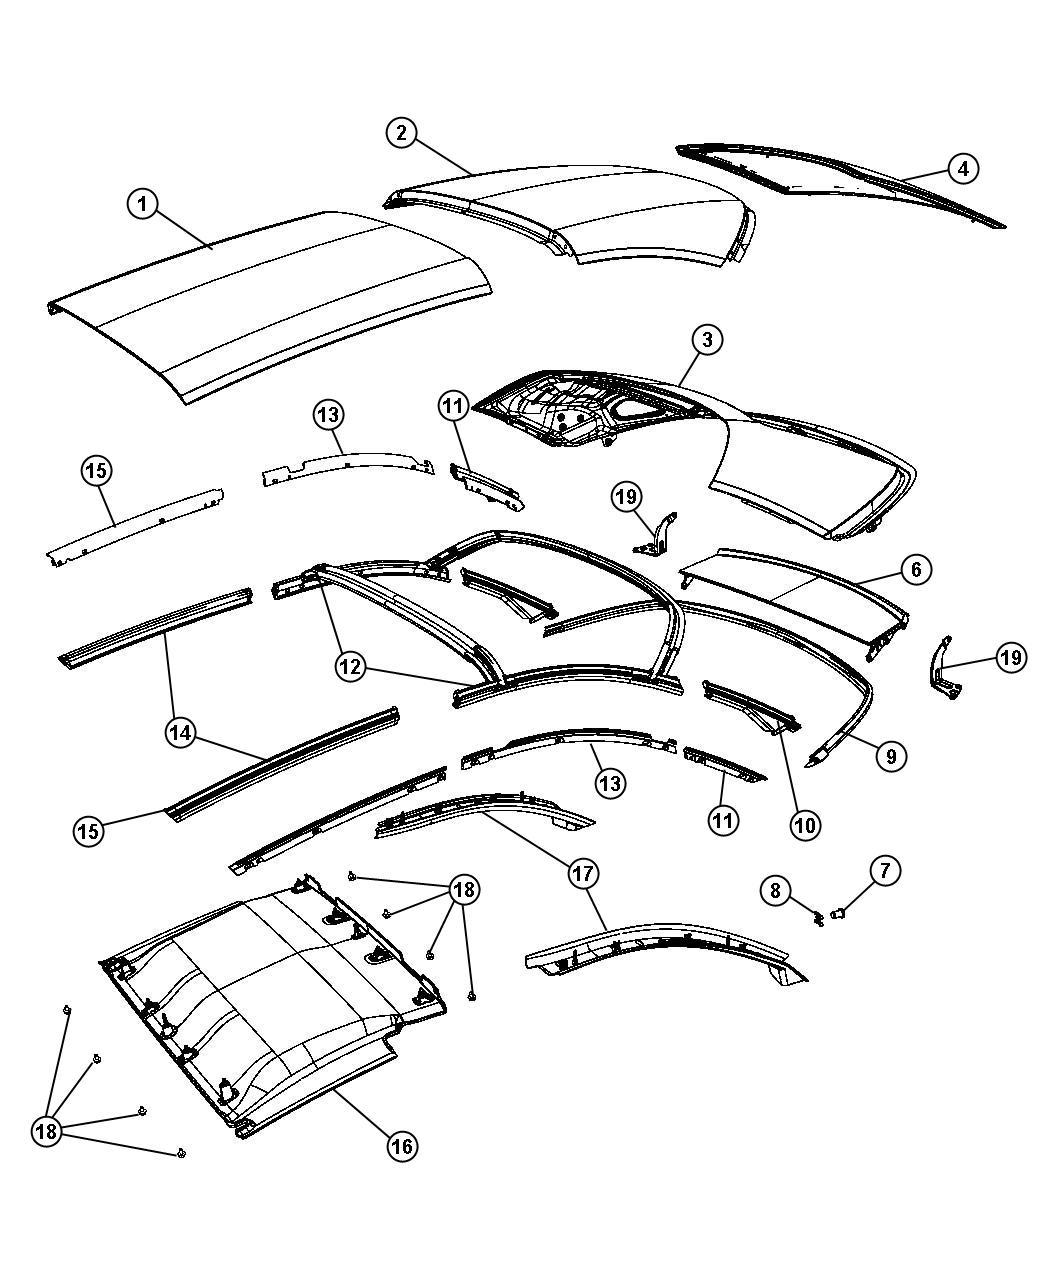 2013 Chrysler 200 Panel  Folding Top Rear  Color   No